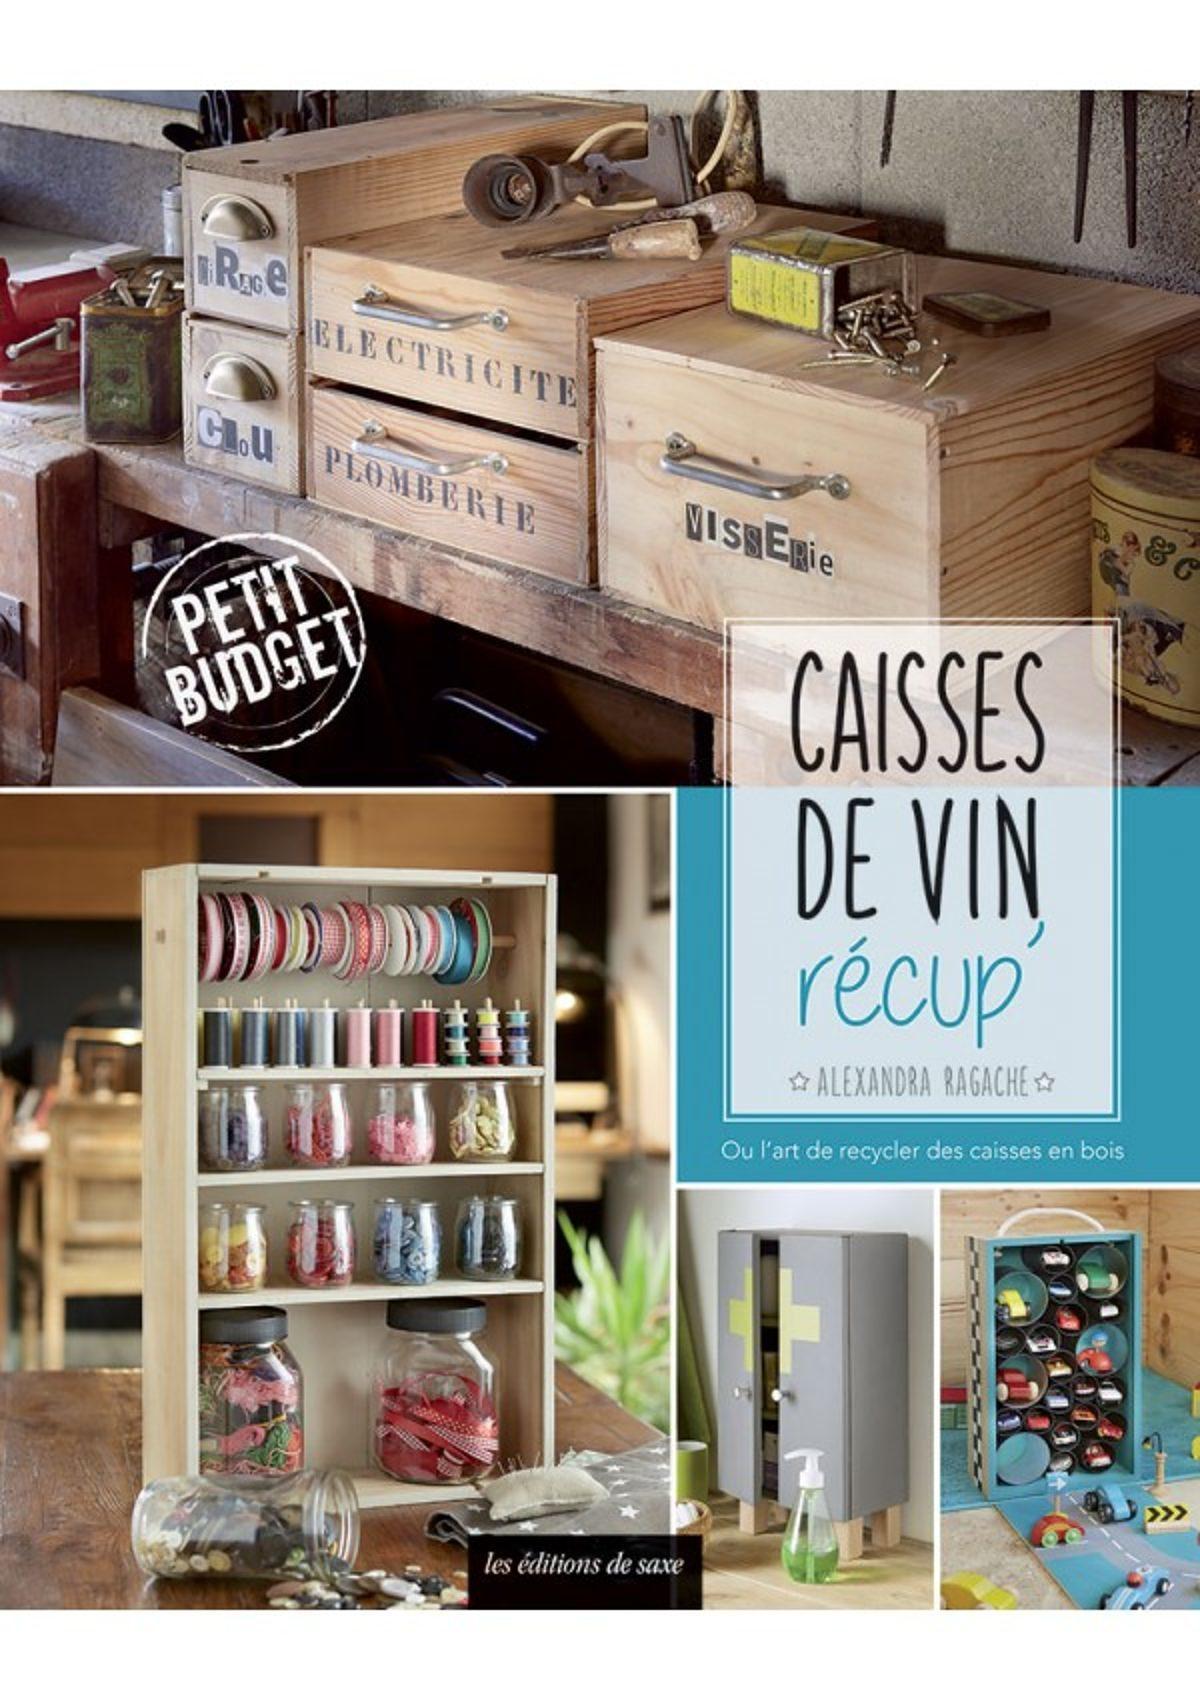 Caisse De Vin Déco les caisses de vin récup', la déco tendance du moment (+